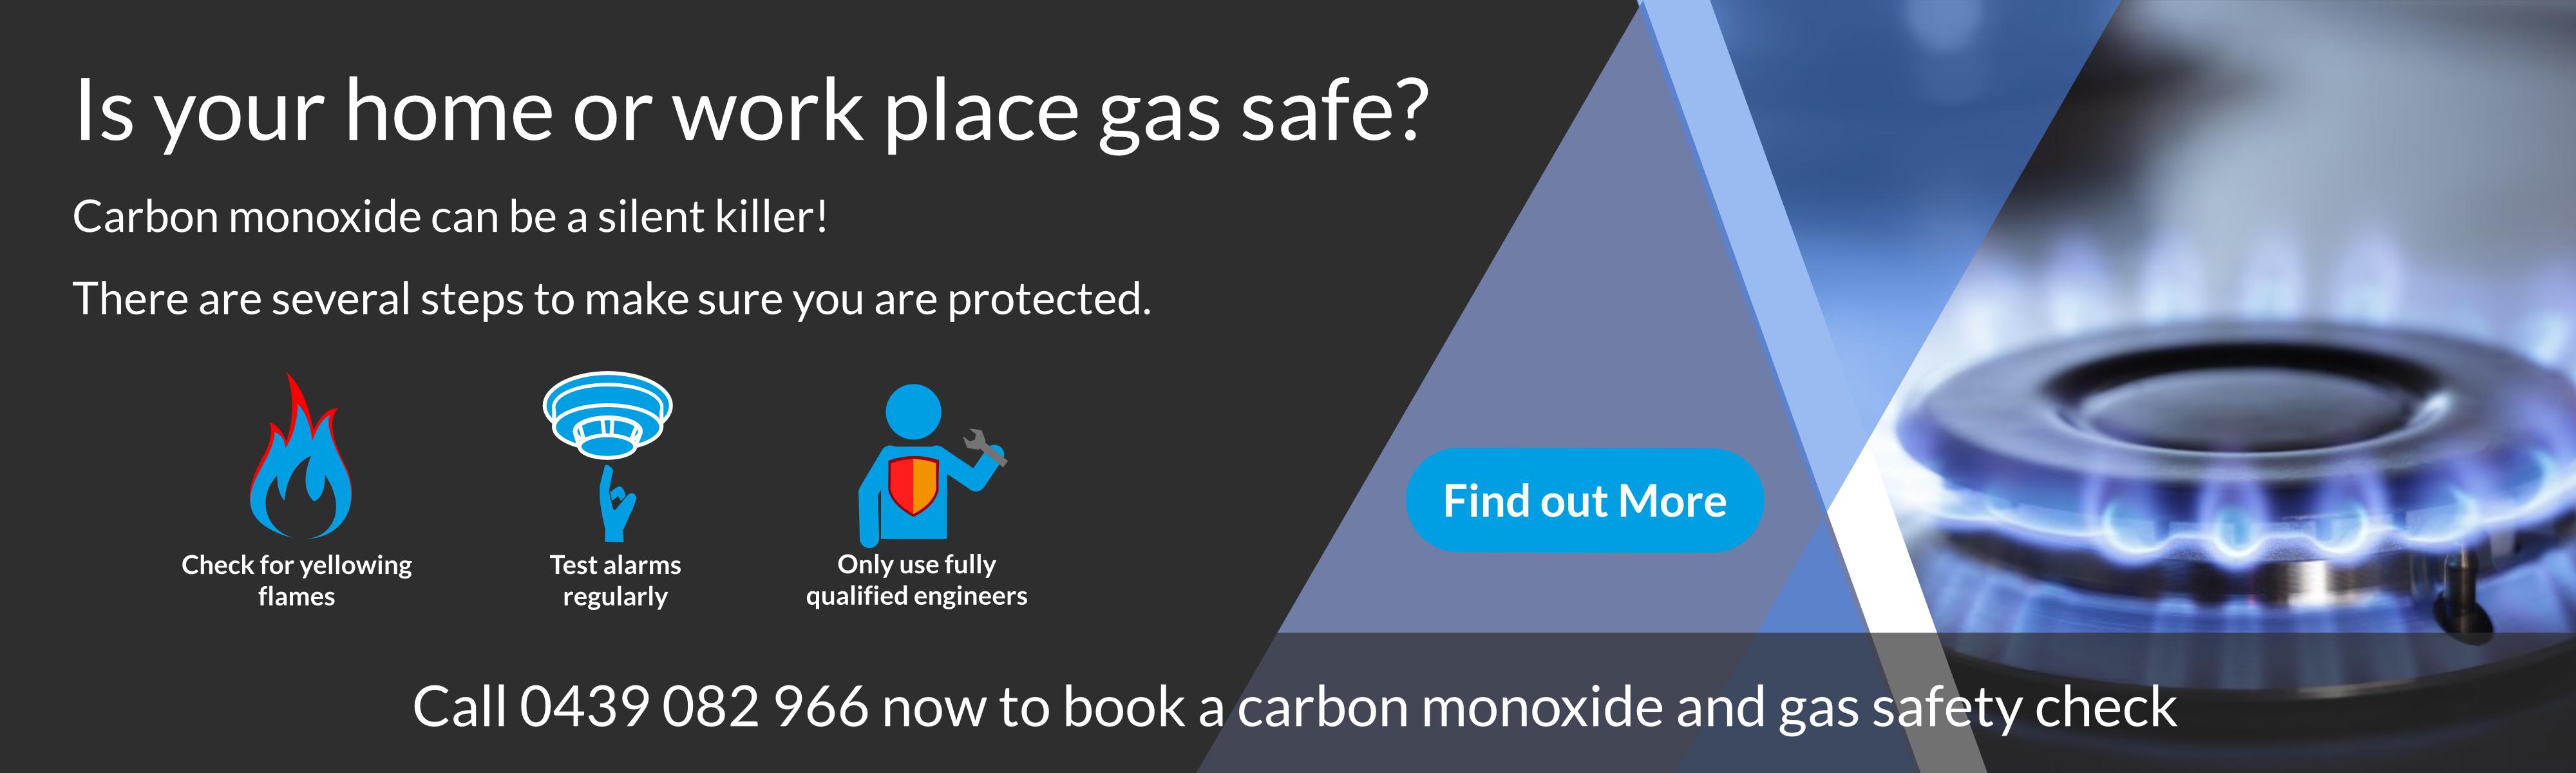 Carbon Monoxide can be a silent killer